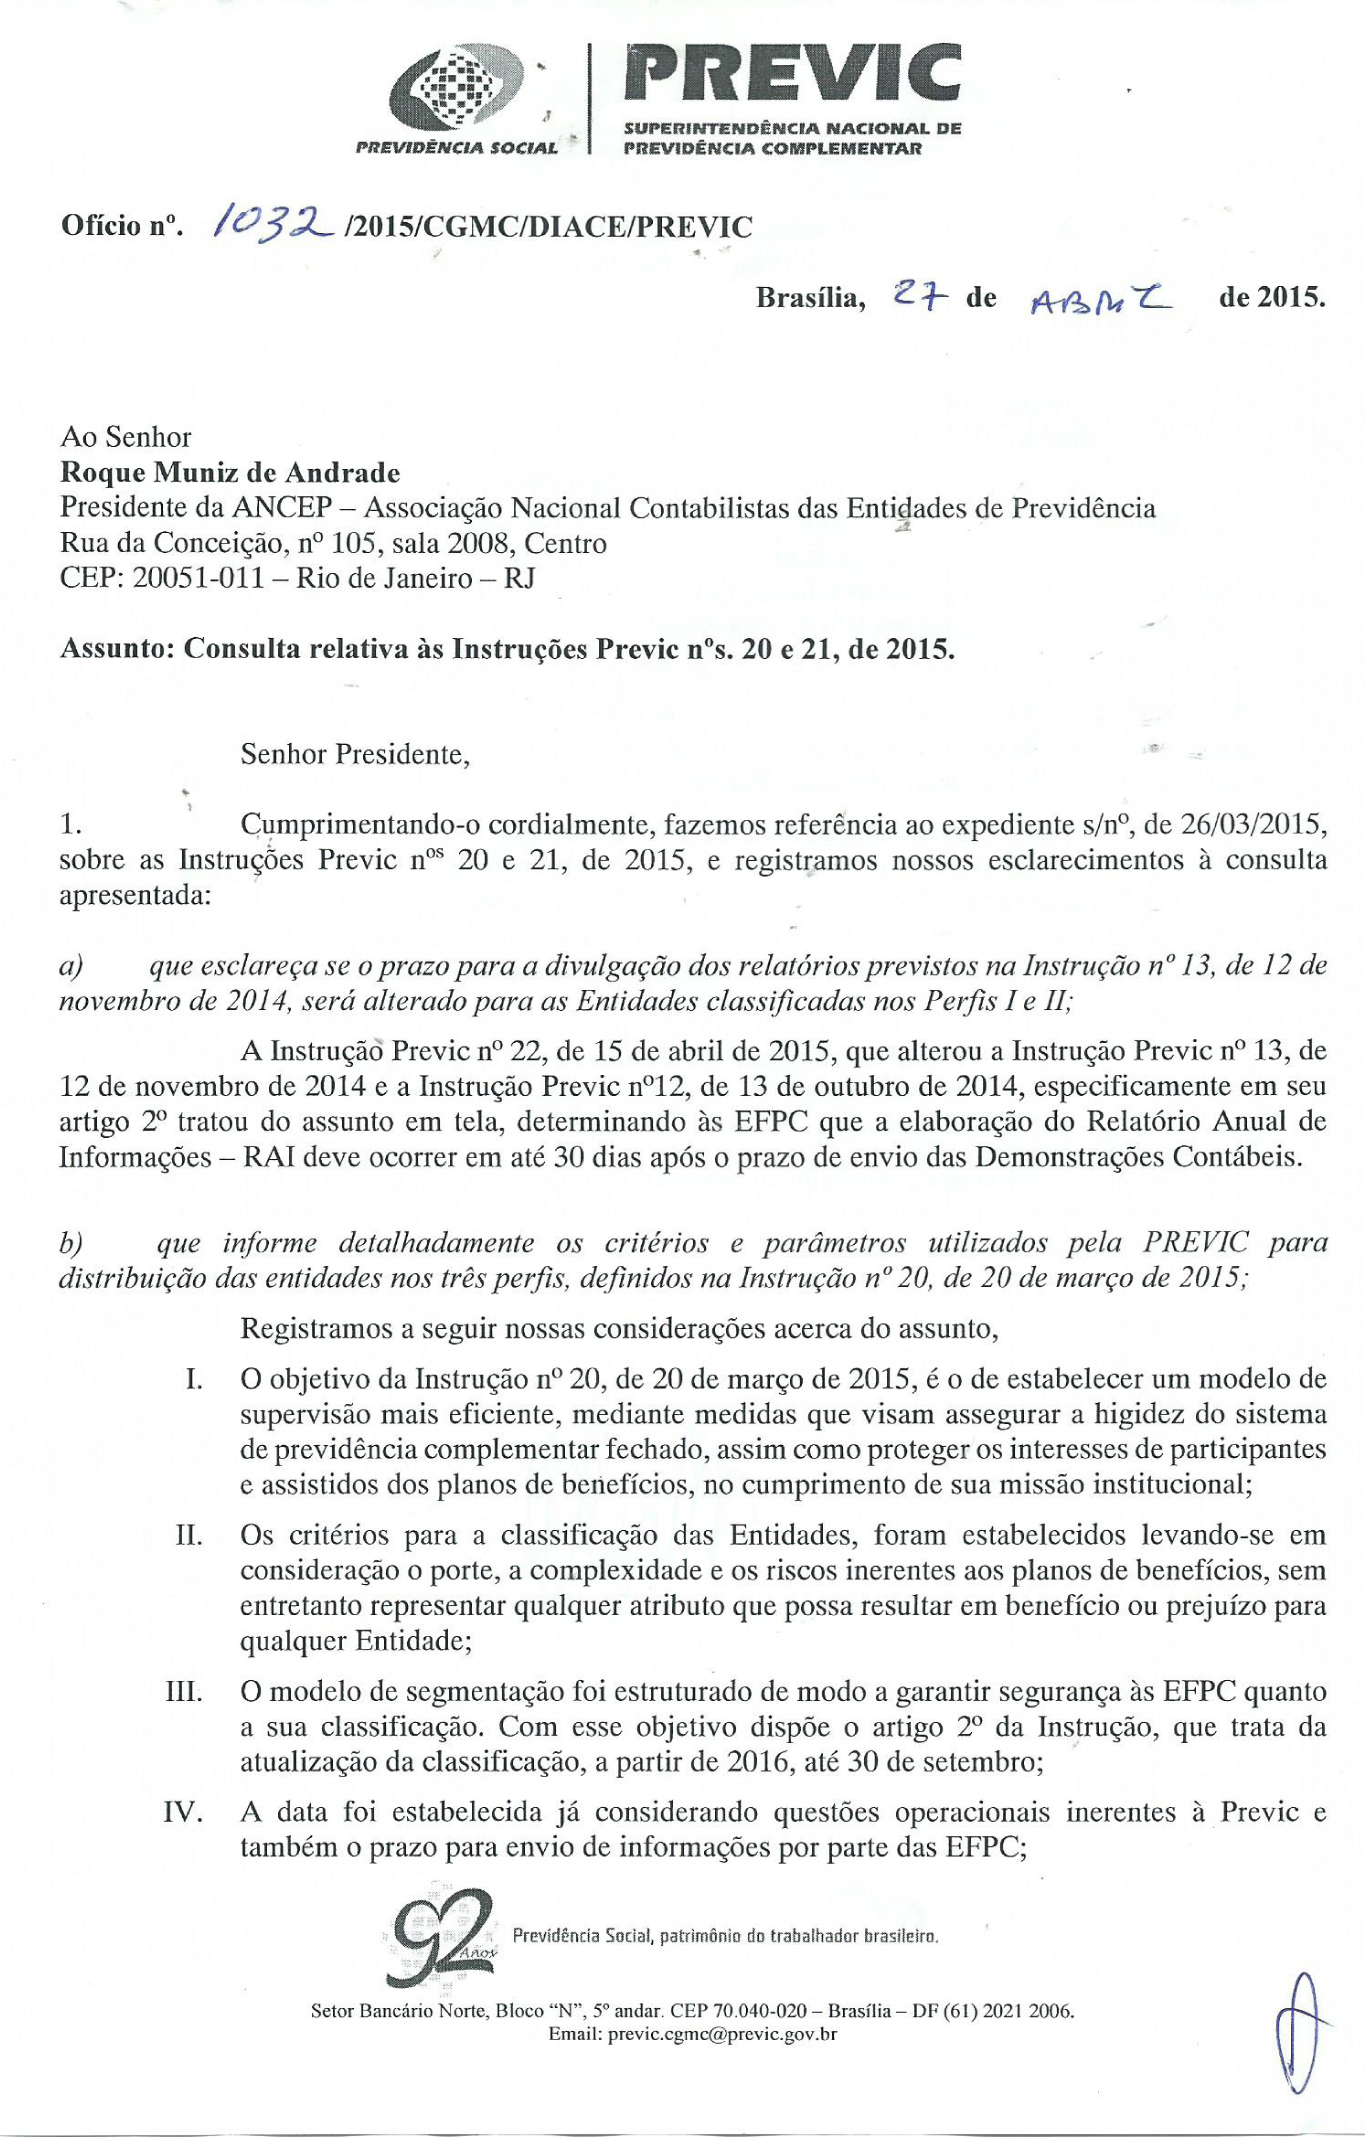 Ofício-No-1032-2015-CGMC-DIACE-PREVIC-de-27-04-2015-1